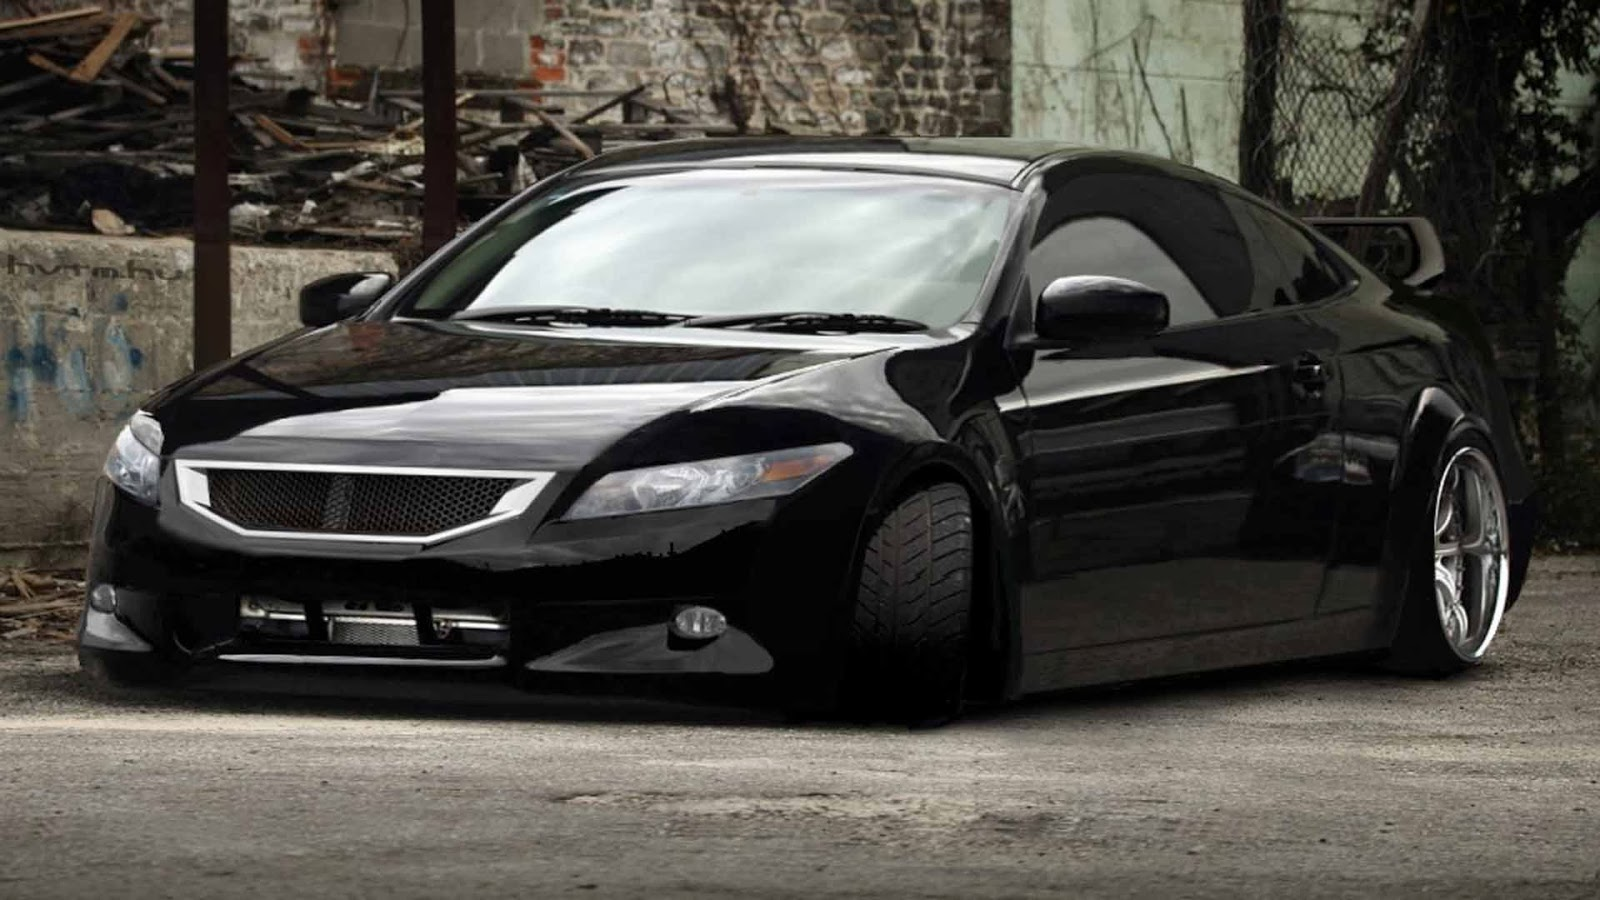 2011 Honda Civic Negro Modificado Para Carreras Carros Usa